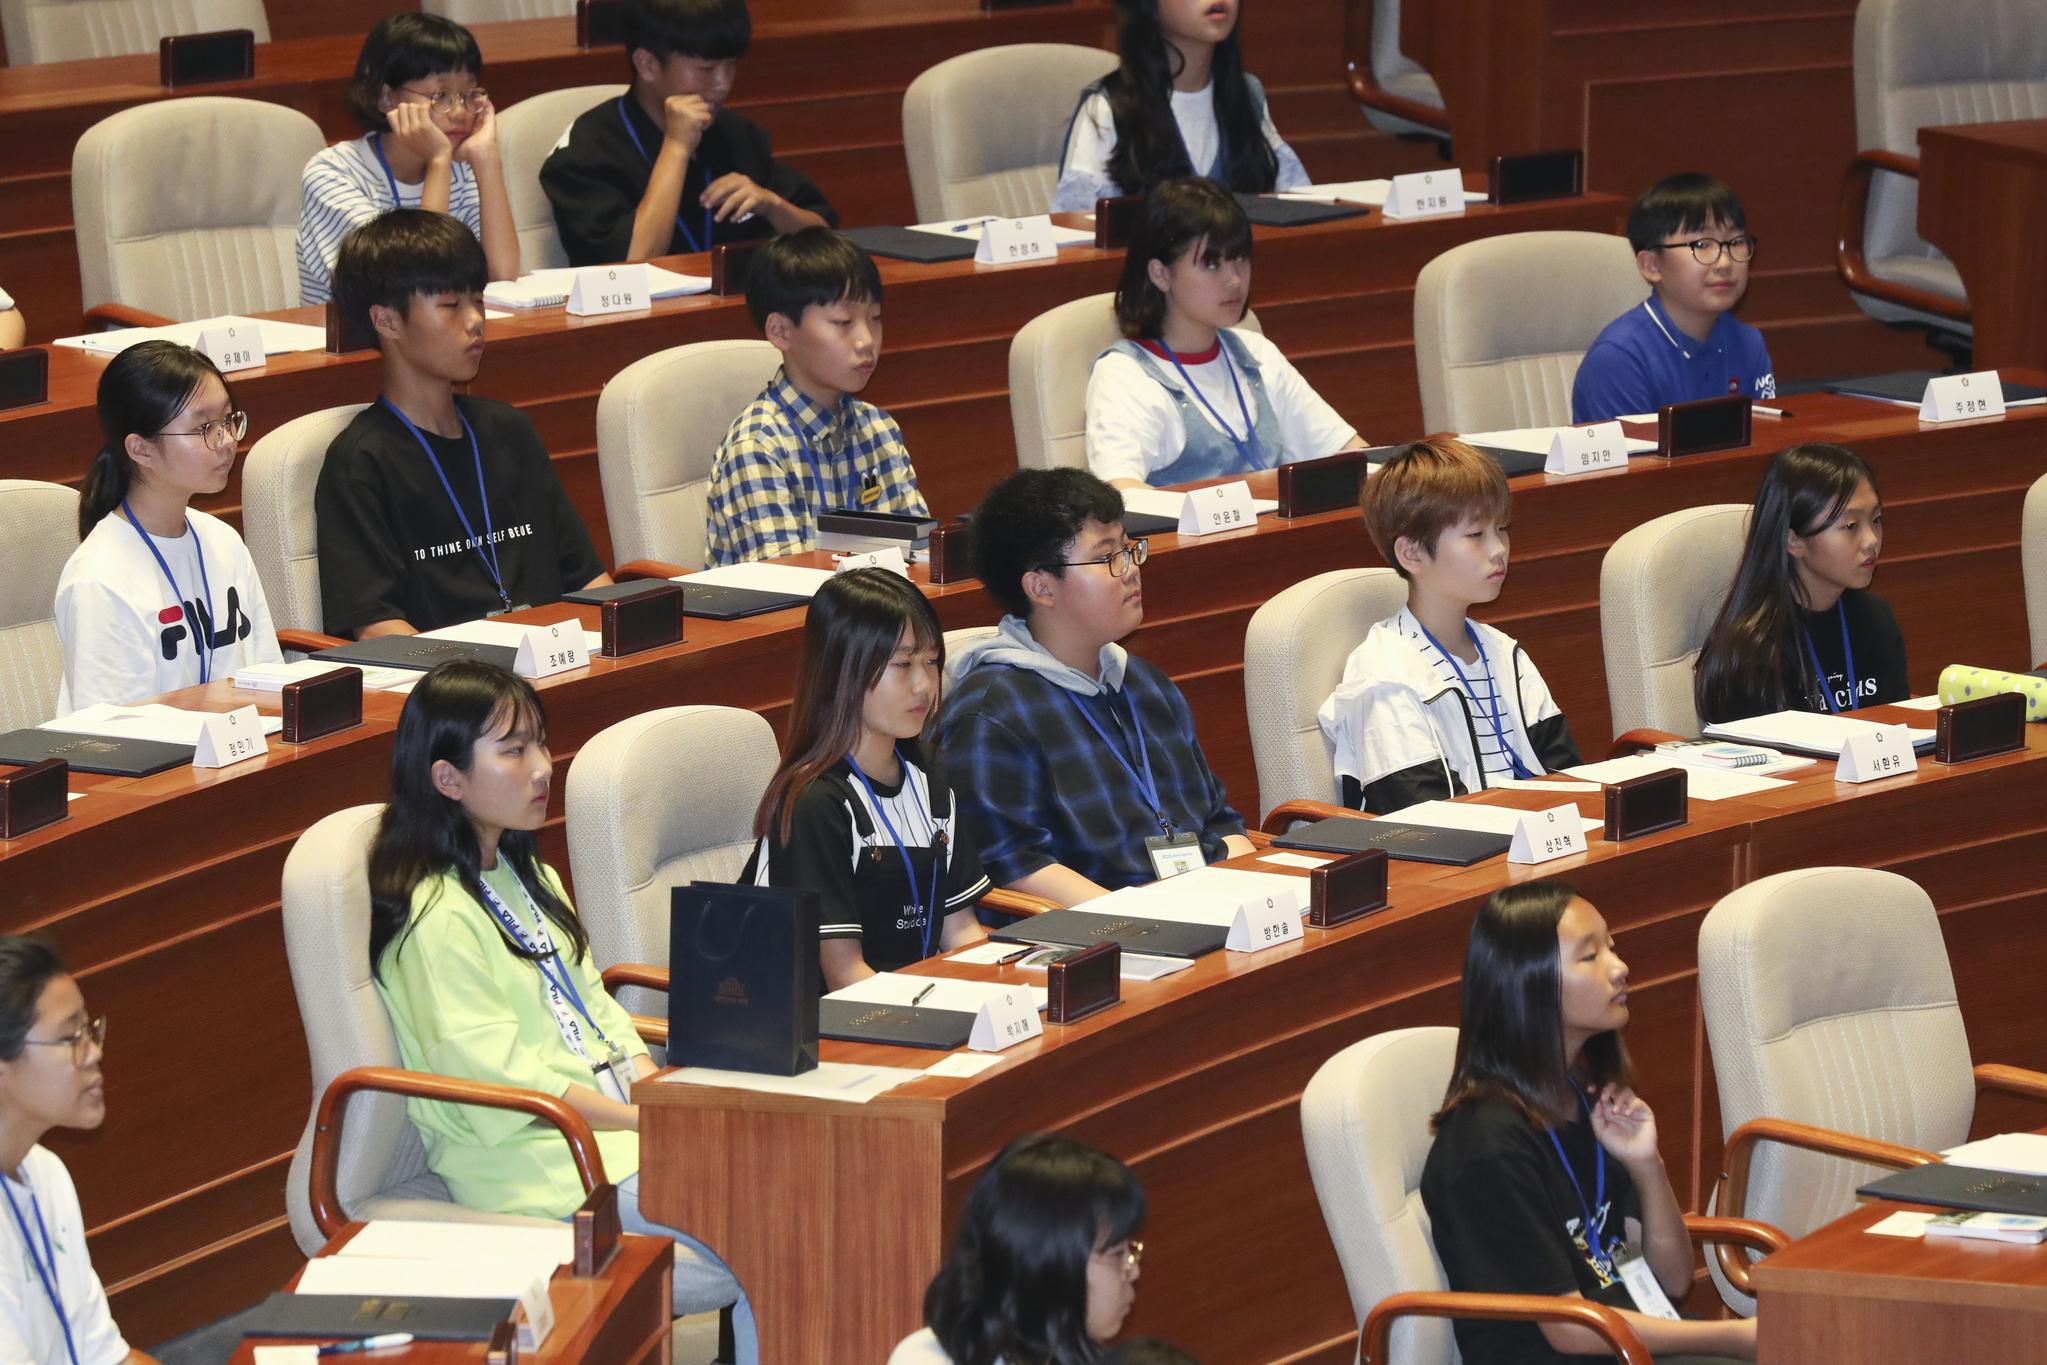 어린이 의원들이 진지한 표정으로 문희상 국회의장의 발언을 듣고 있다. 임현동 기자